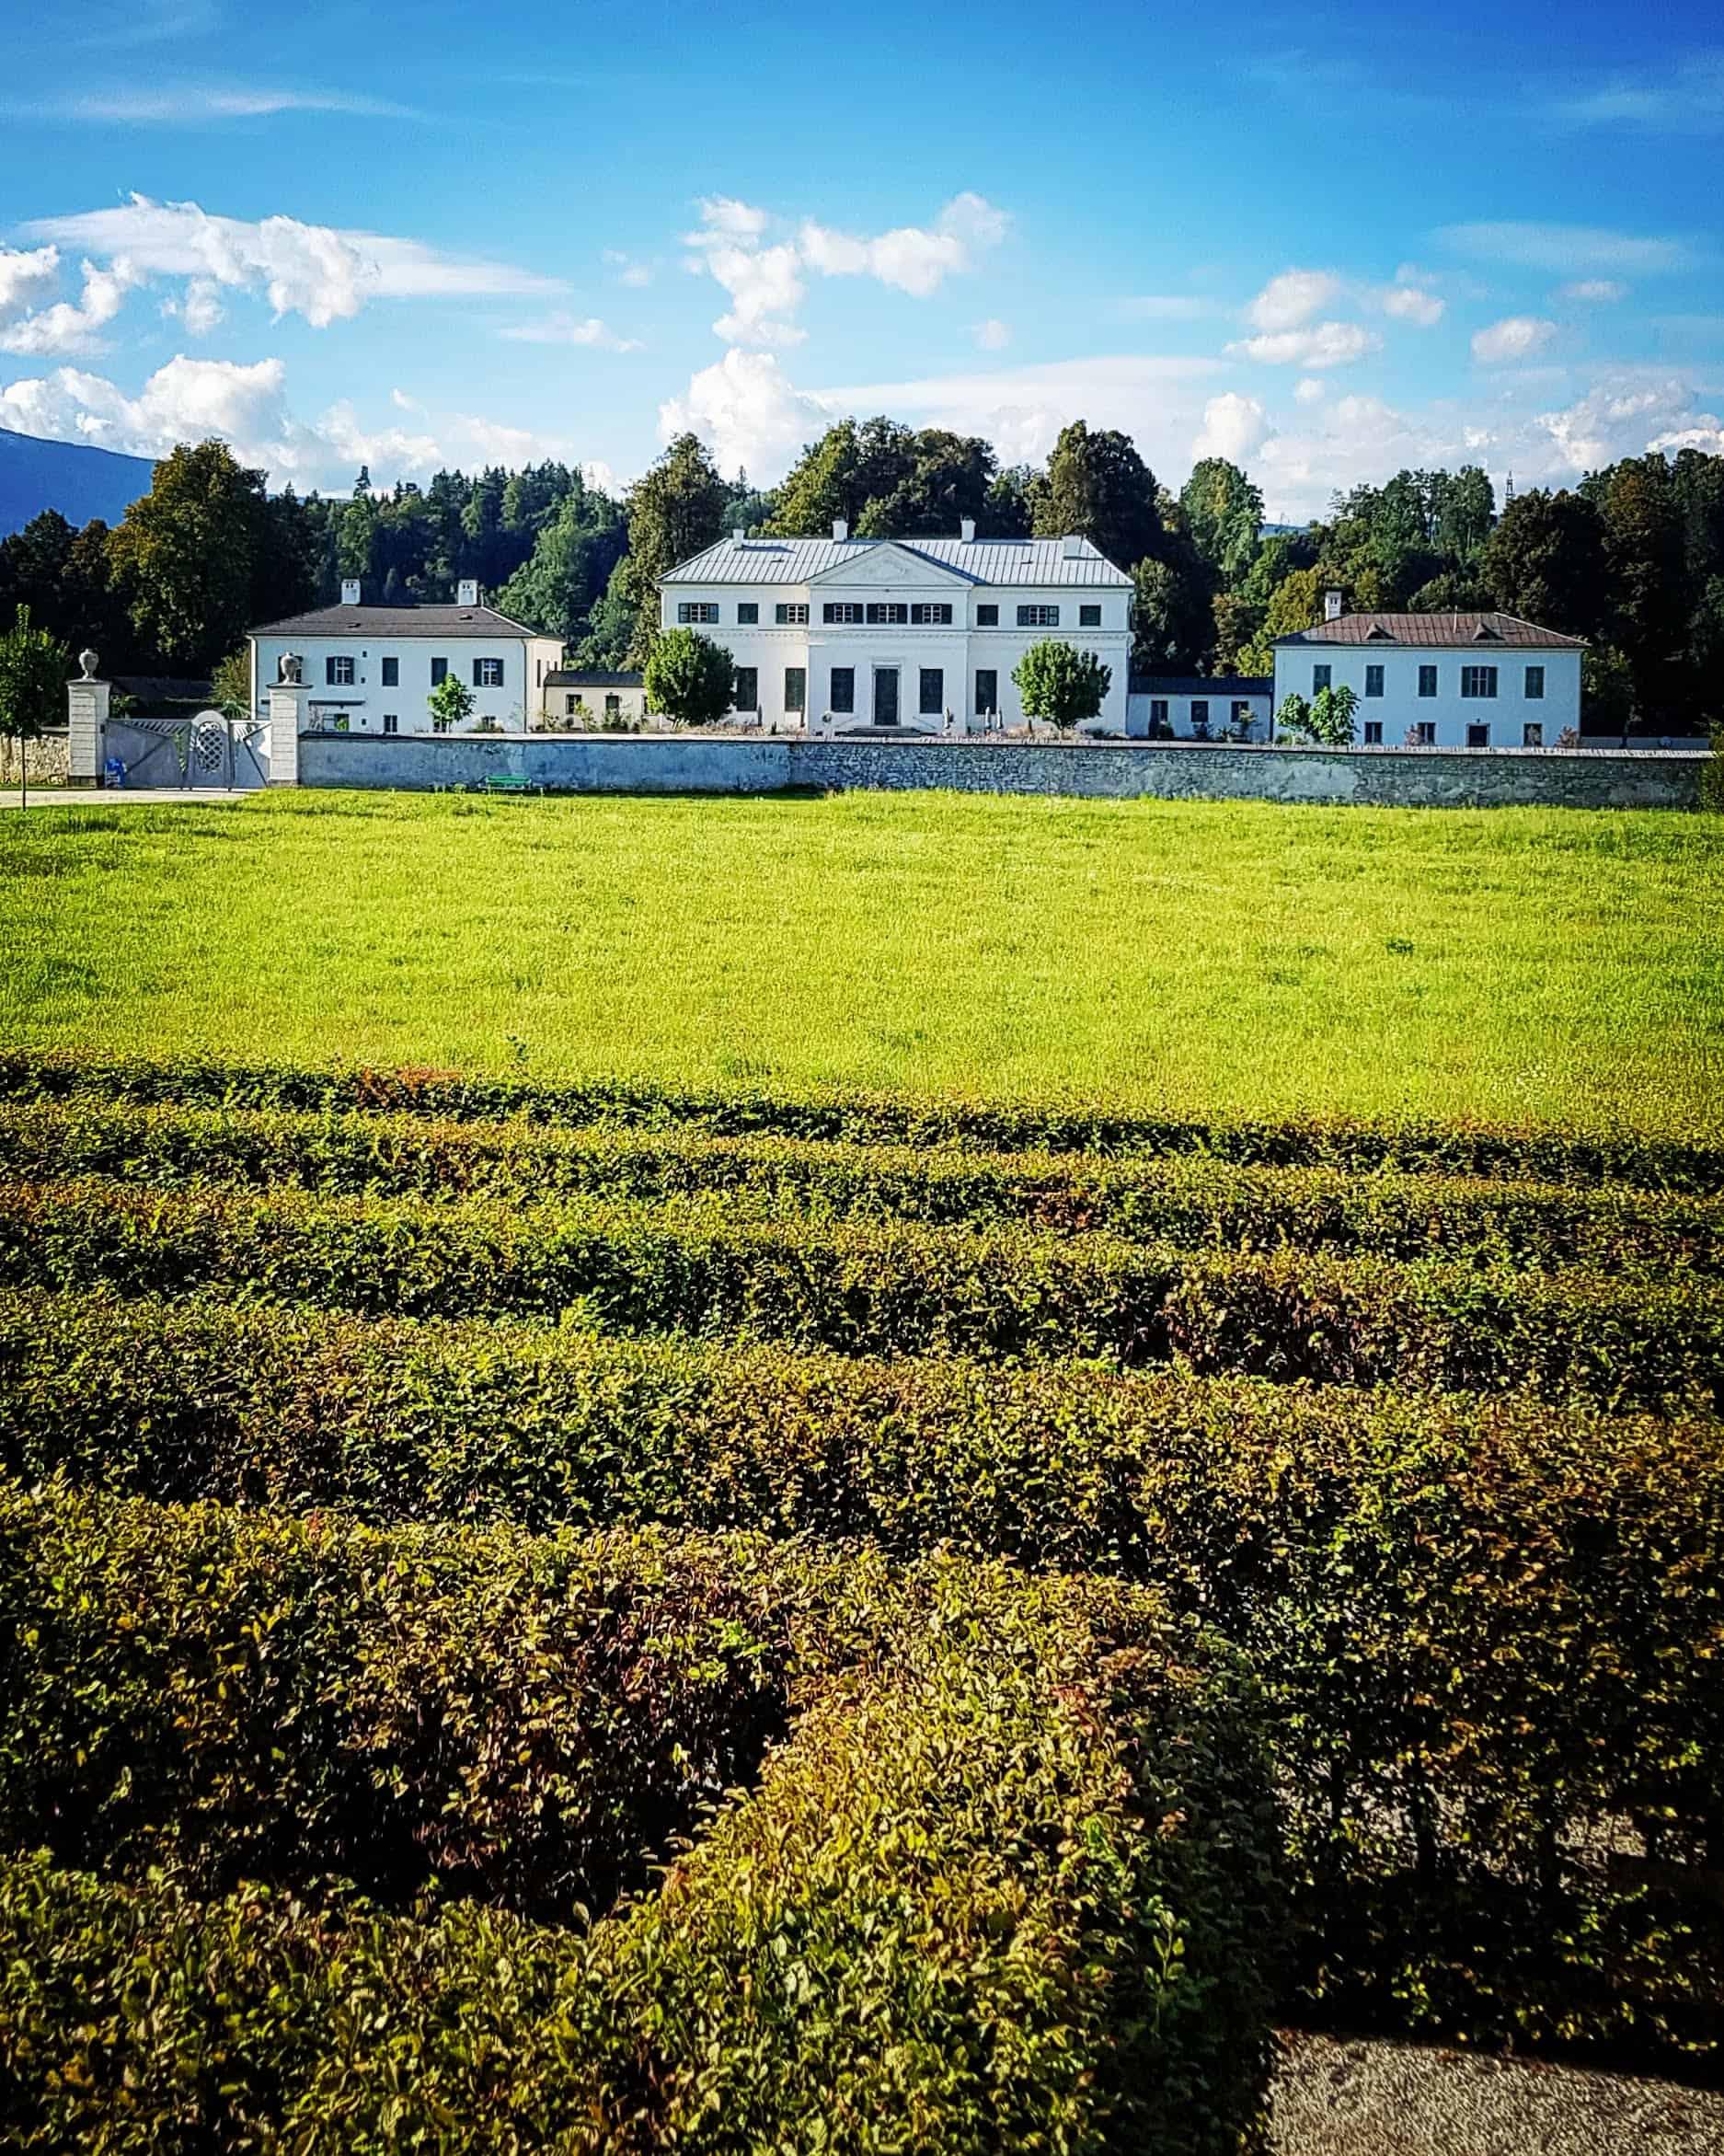 Schloss & Labyrinth Rosegg in Kärnten Nähe Velden am Wörthersee - Österreich